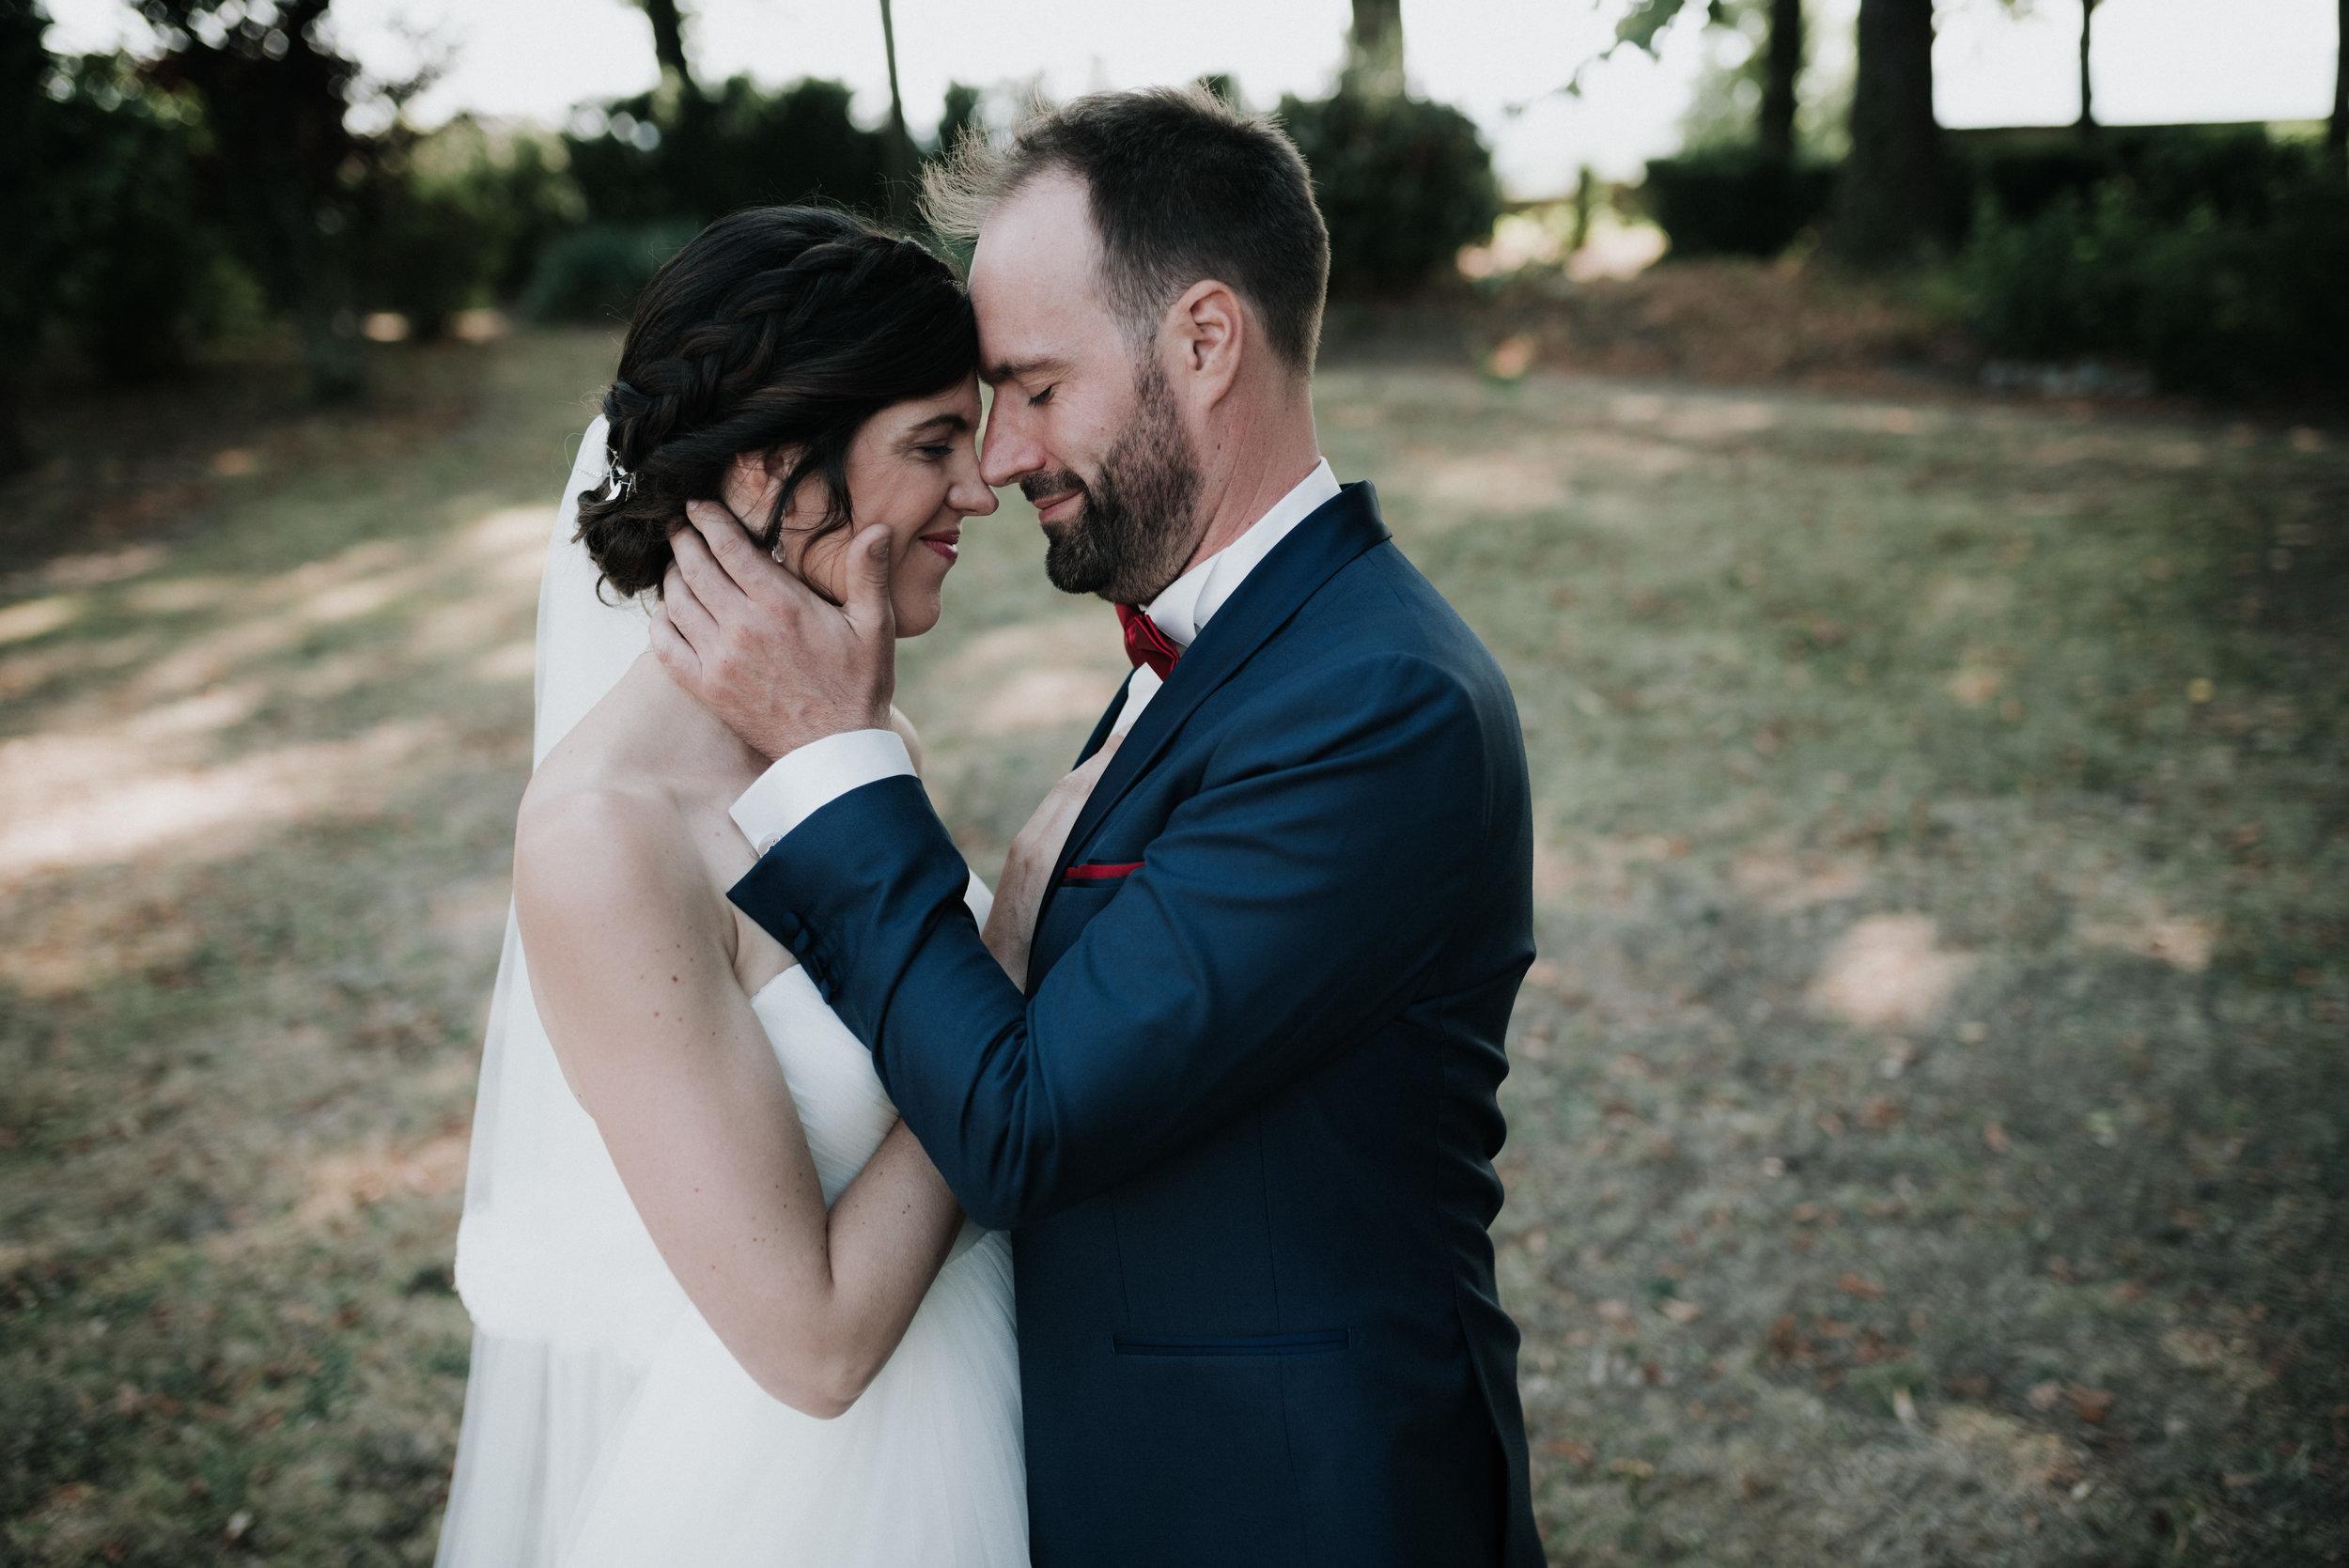 Léa-Fery-photographe-professionnel-lyon-rhone-alpes-portrait-creation-mariage-evenement-evenementiel-famille-7847.jpg